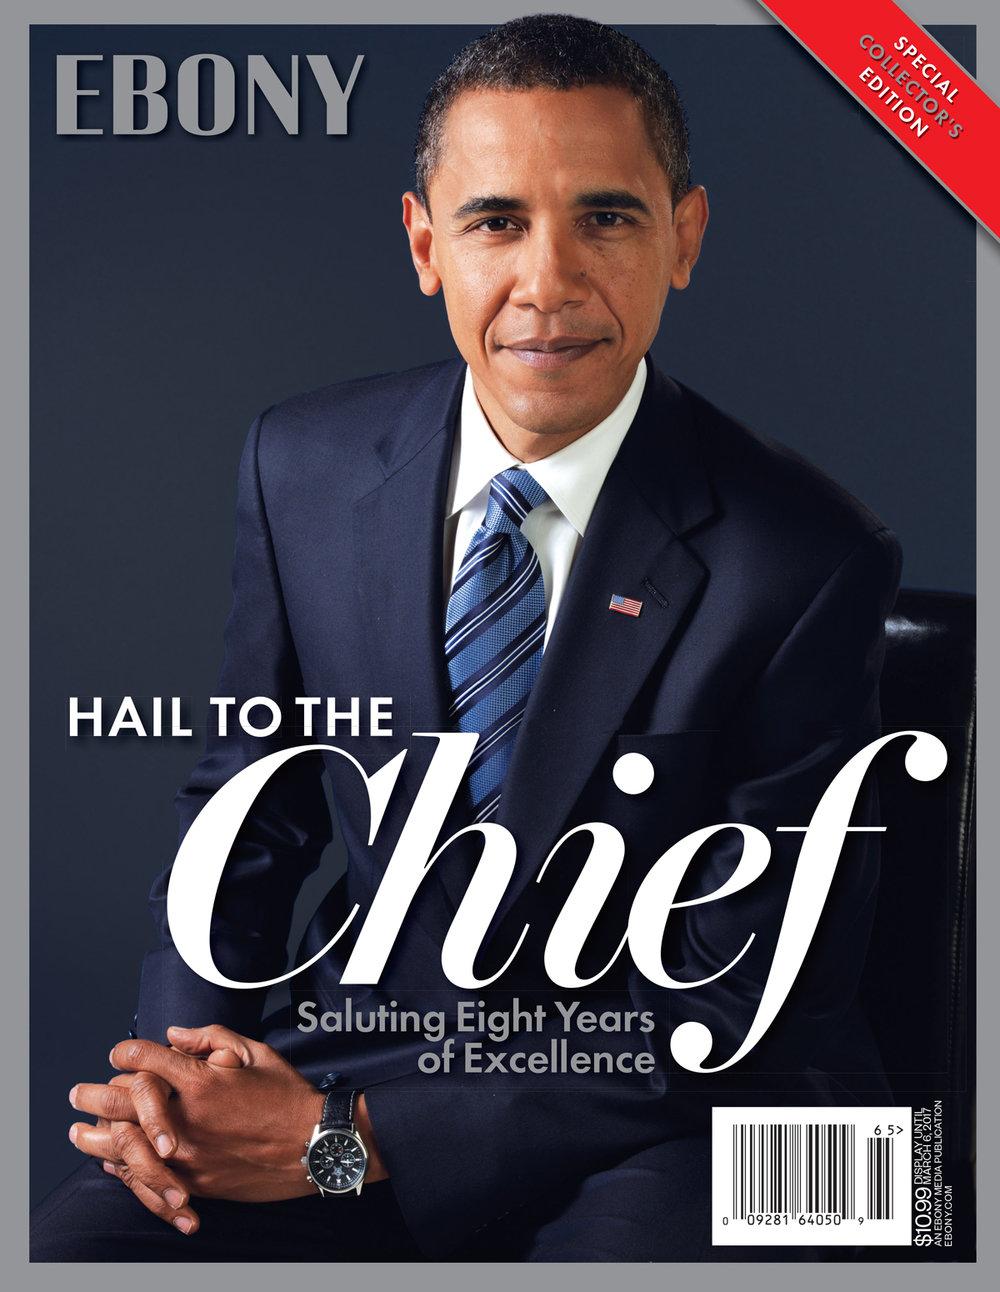 Ebony-Obama.jpg